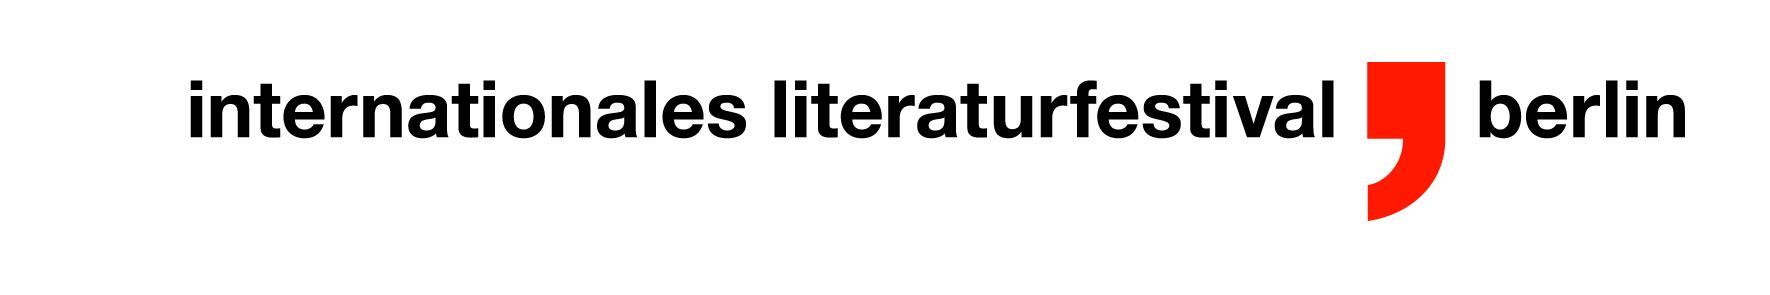 internationales literaturfestival berlin